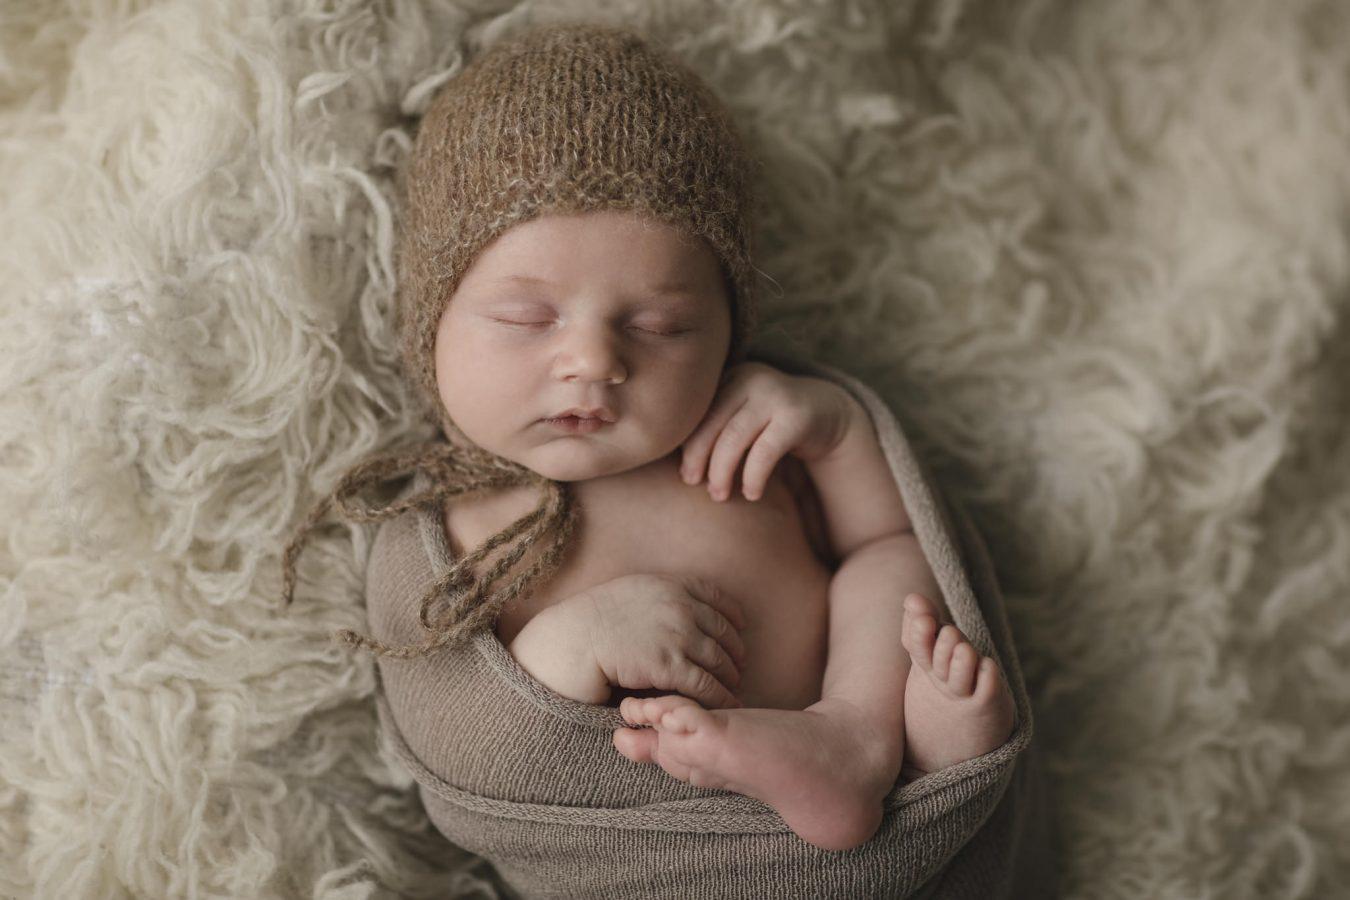 Babyfotograf Hamburg - Baby liegt in einen Wrap gewickelt auf einem kuscheligen Fell